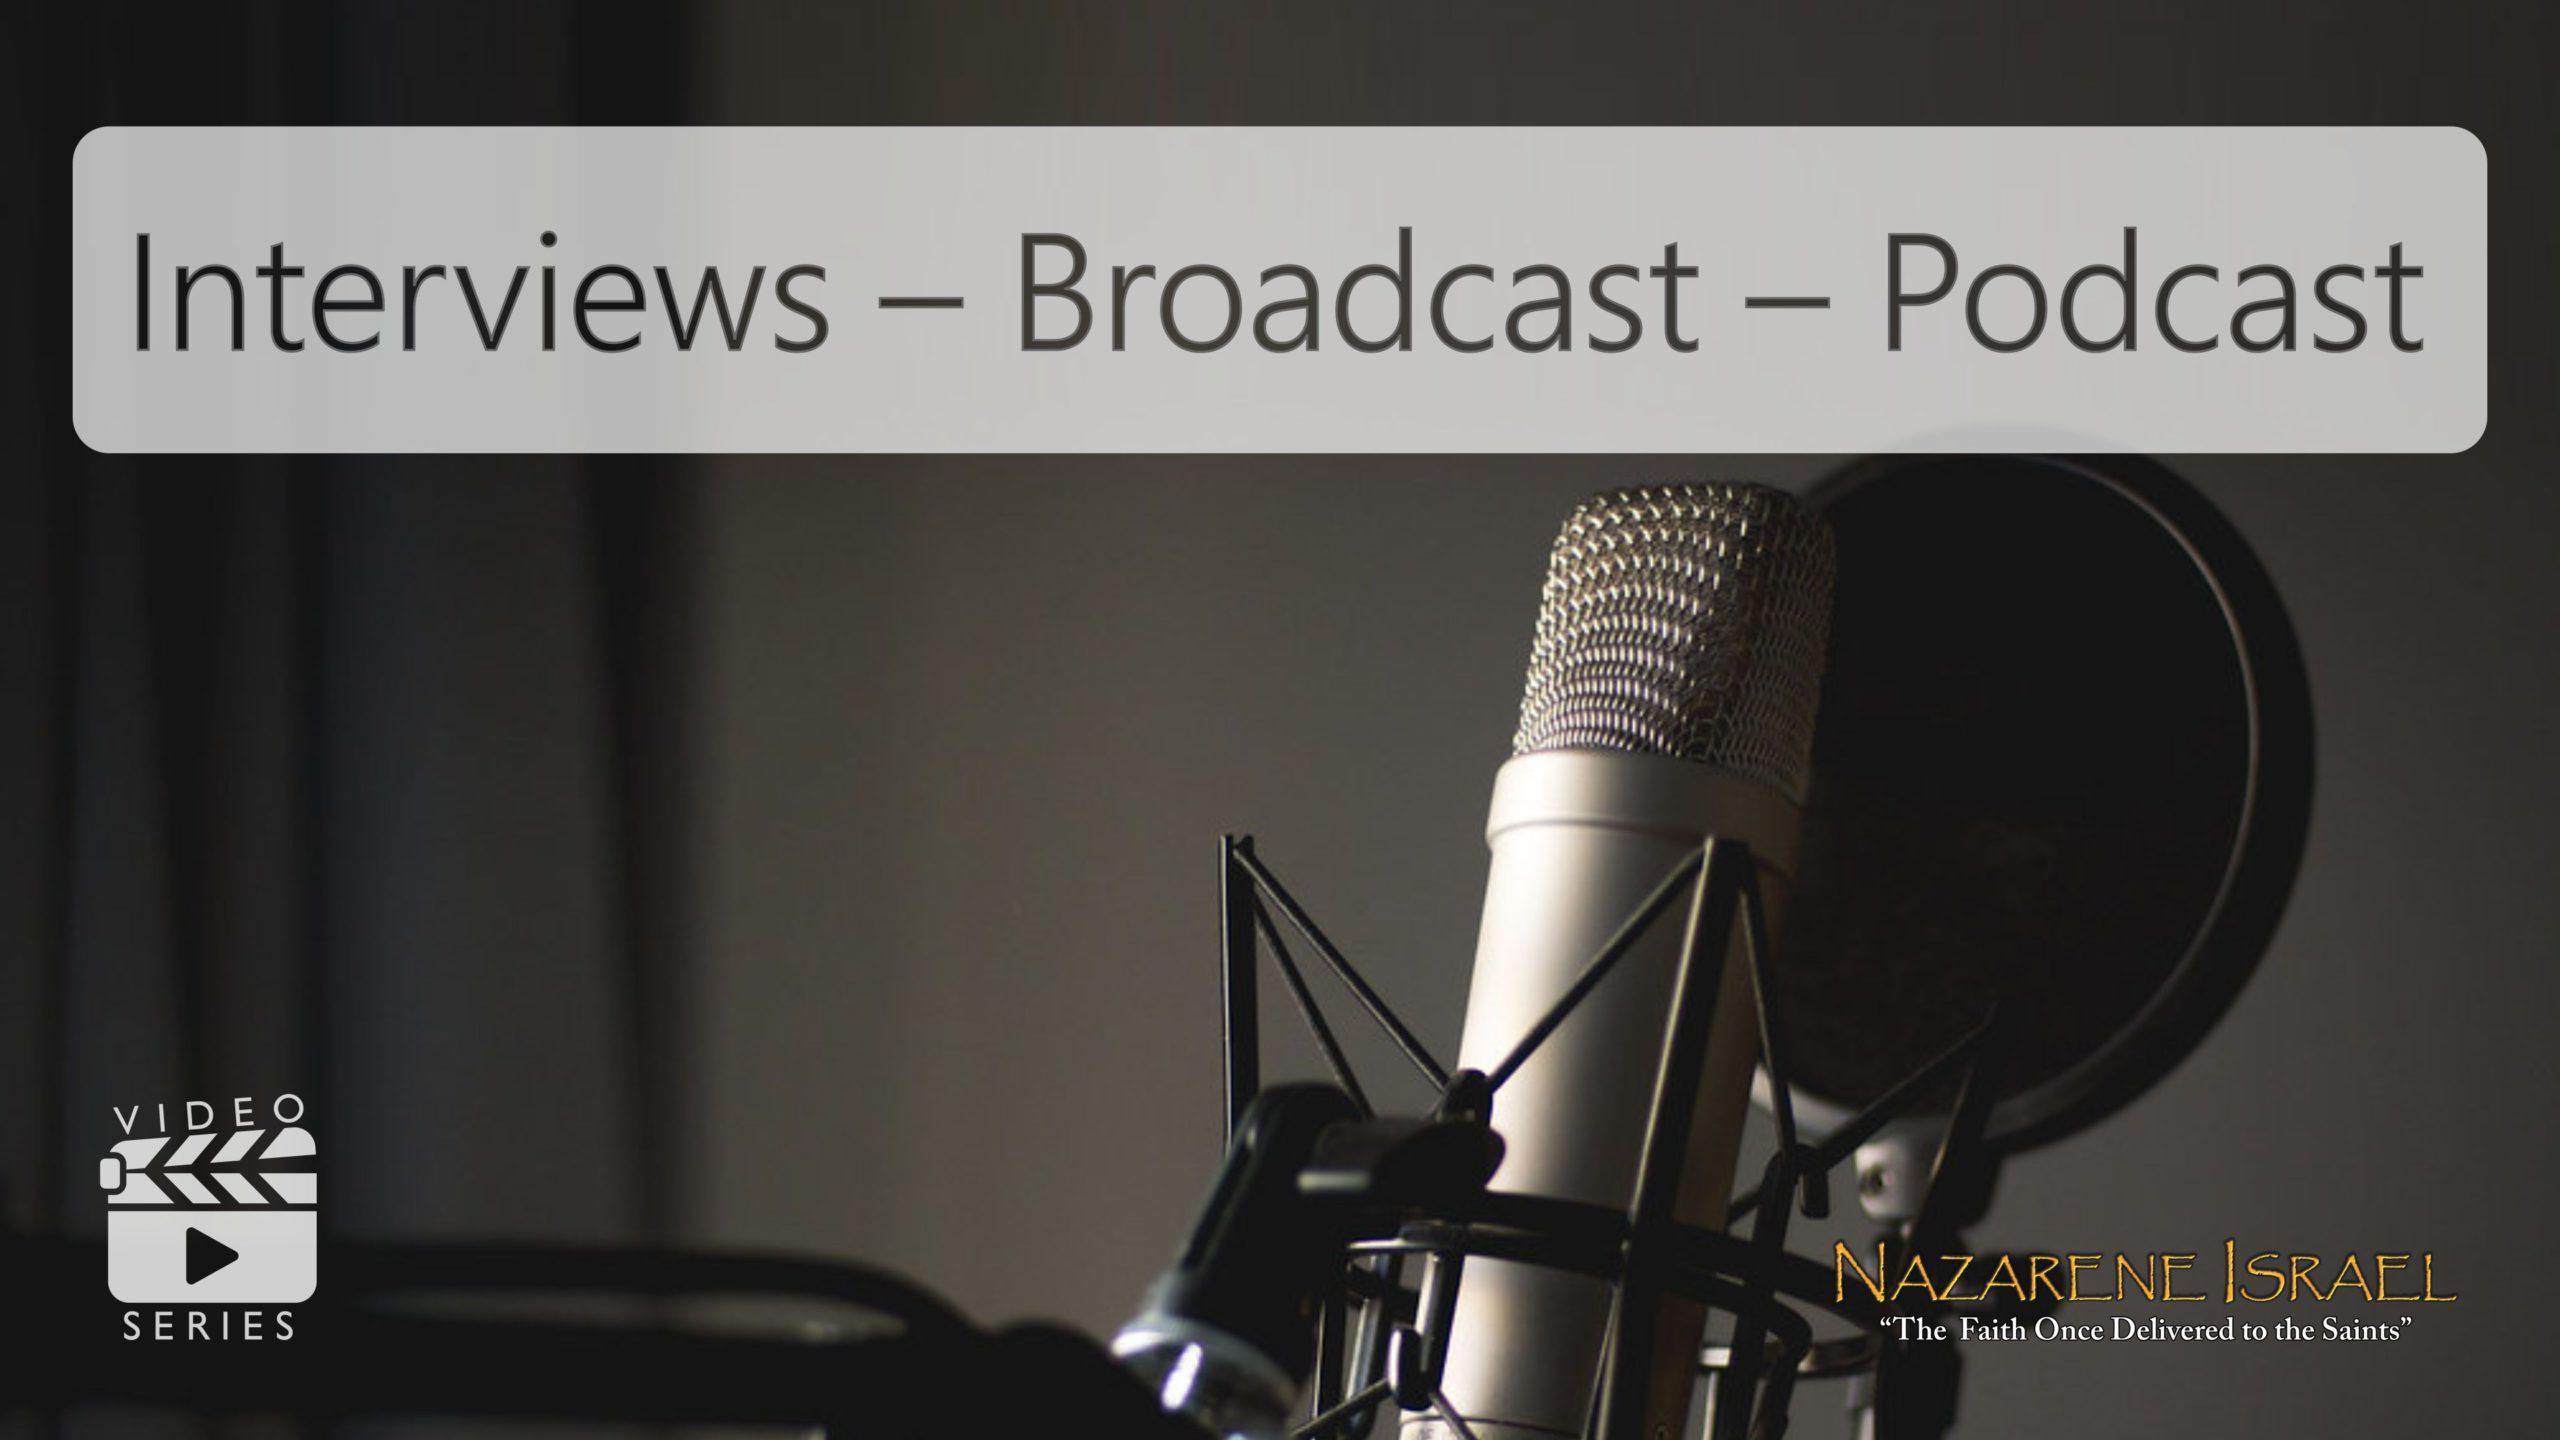 Entrevistas - Transmisión - Podcast